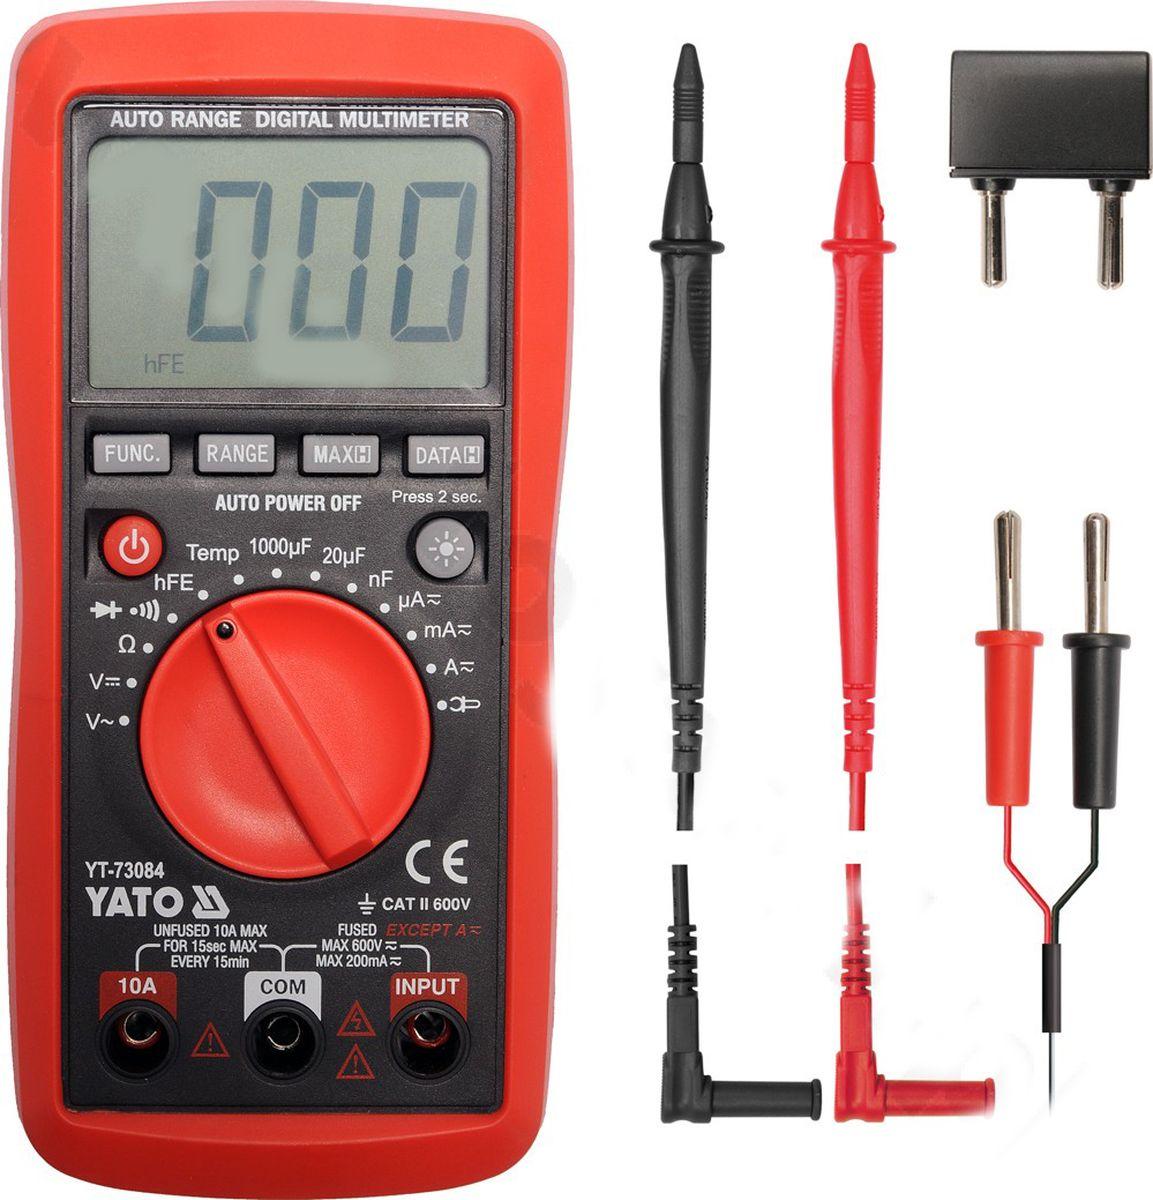 Мультиметр цифровой YatoYT-73084Мультиметр цифровой YATO. Измерение напряжения переменного и постоянного тока 0-600 В; измерение напряжения 0-20 M?; измерение температуры -20-1000 С/